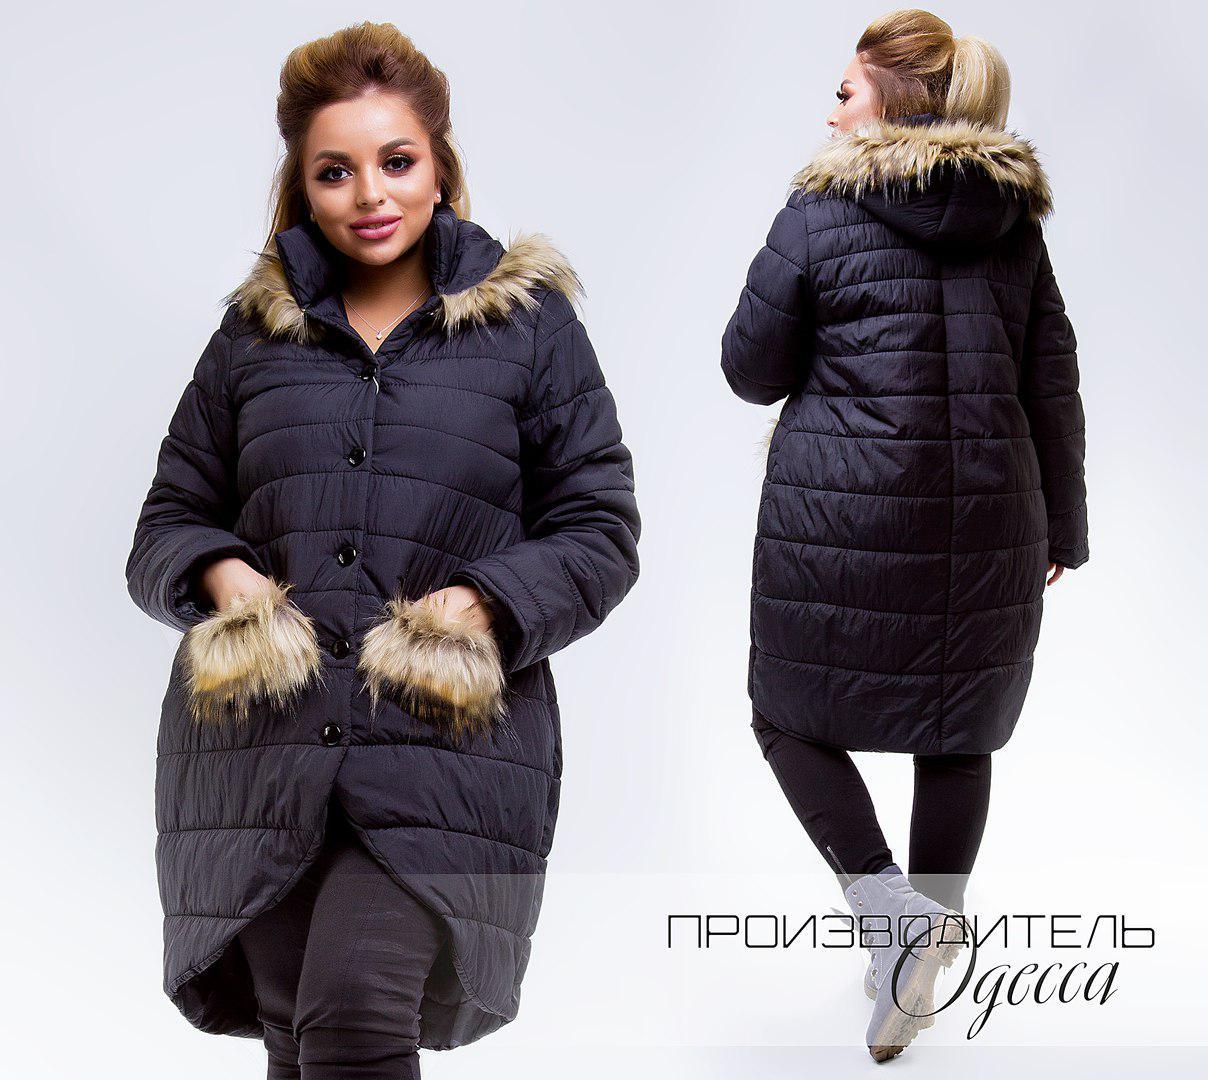 Оригінальна асиметрична жіноча куртка з хутряними кишенями хутром на капюшоні батал, великий розмір